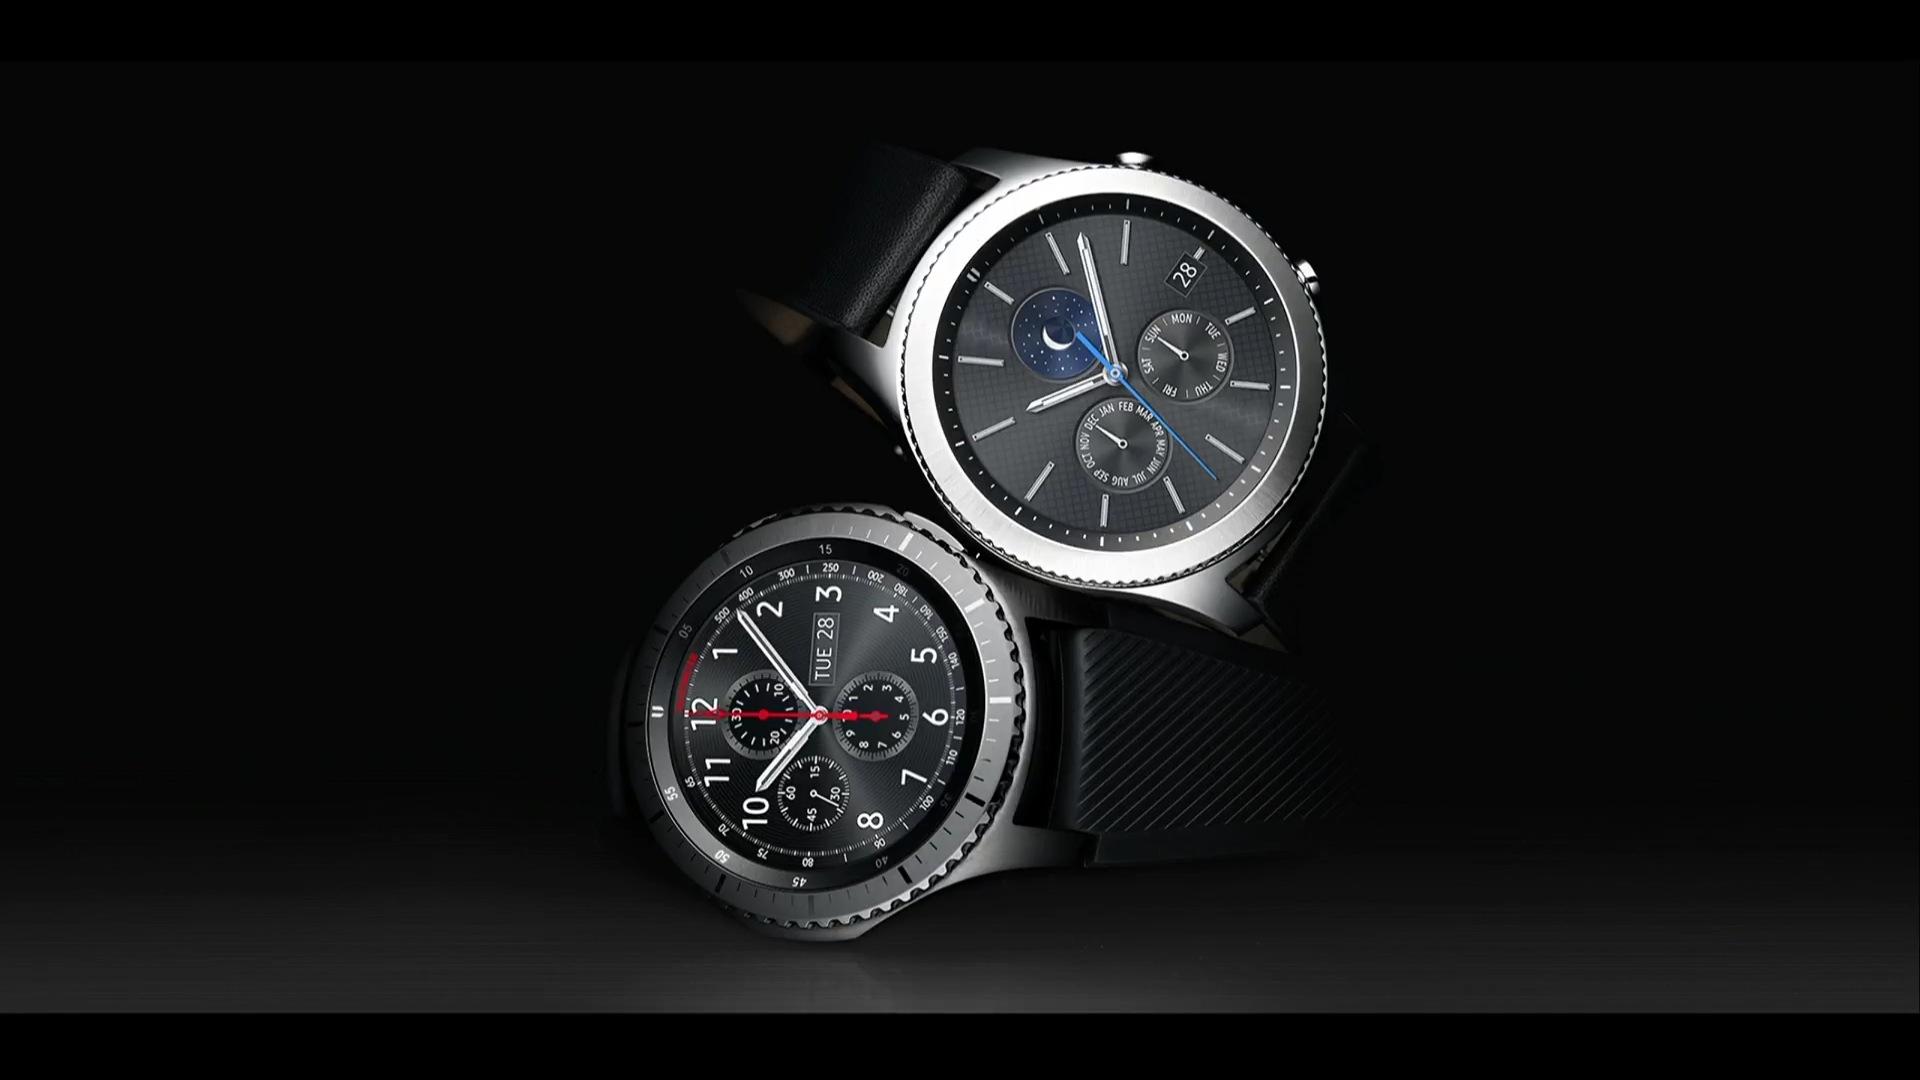 samsung gear s3 youtu.be-9C1-VEMgAEk (2)